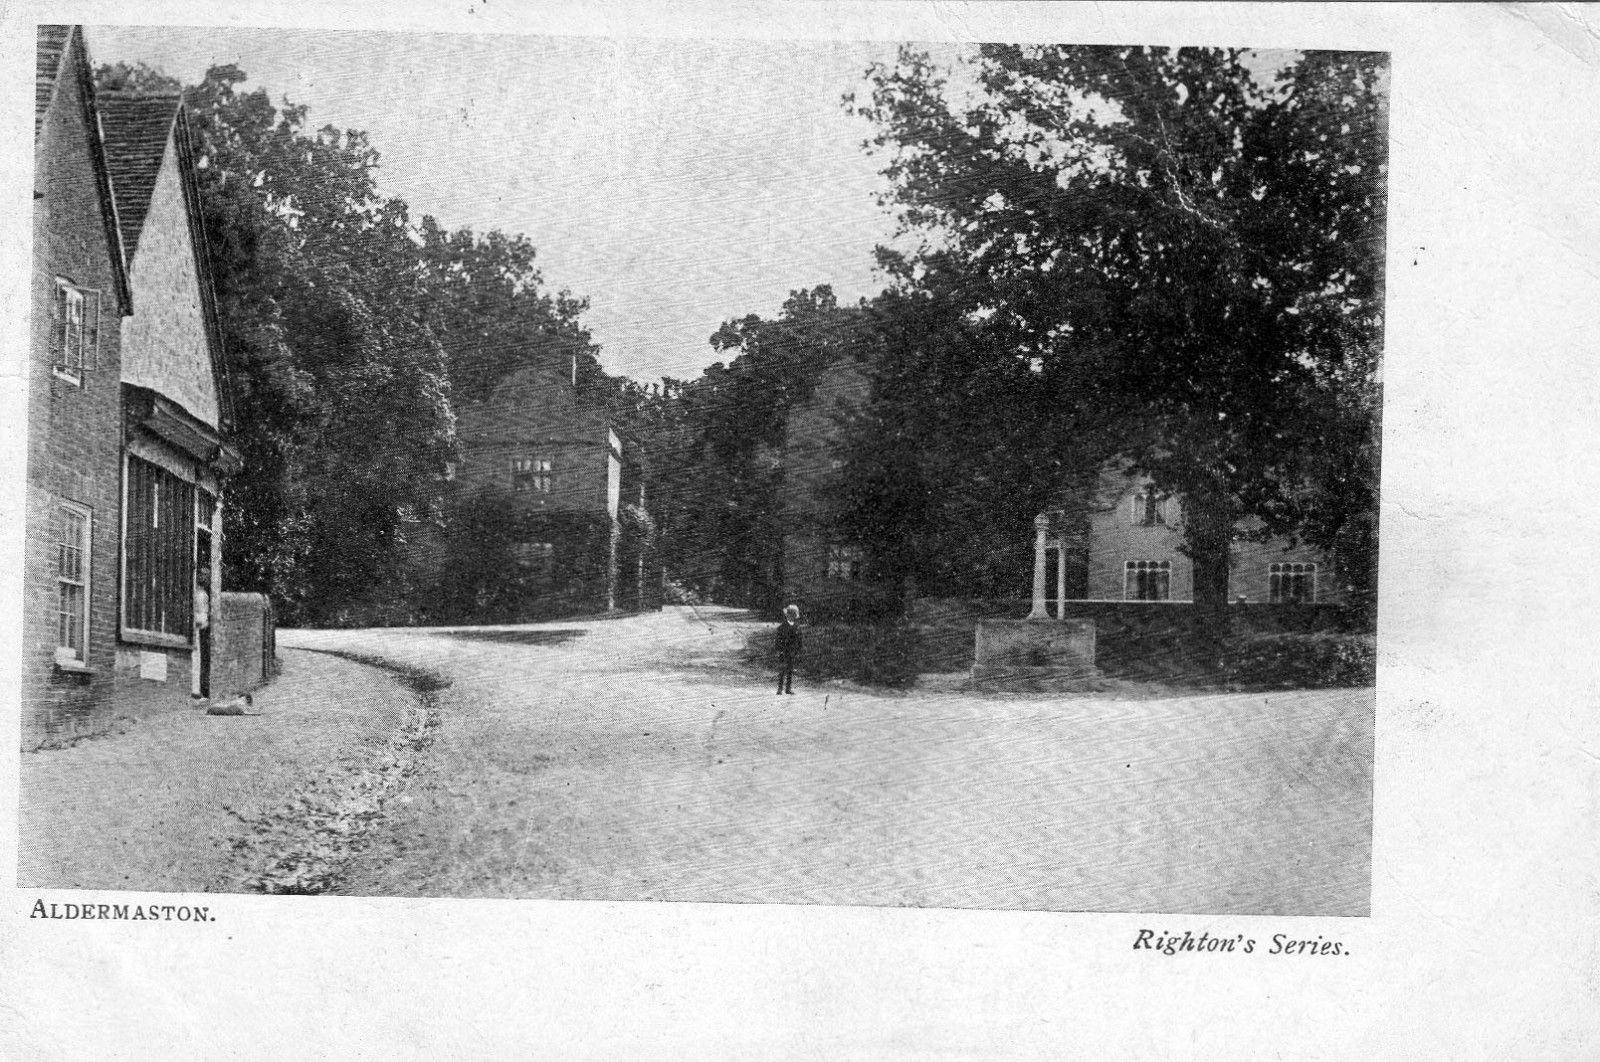 Aldermaston-1903